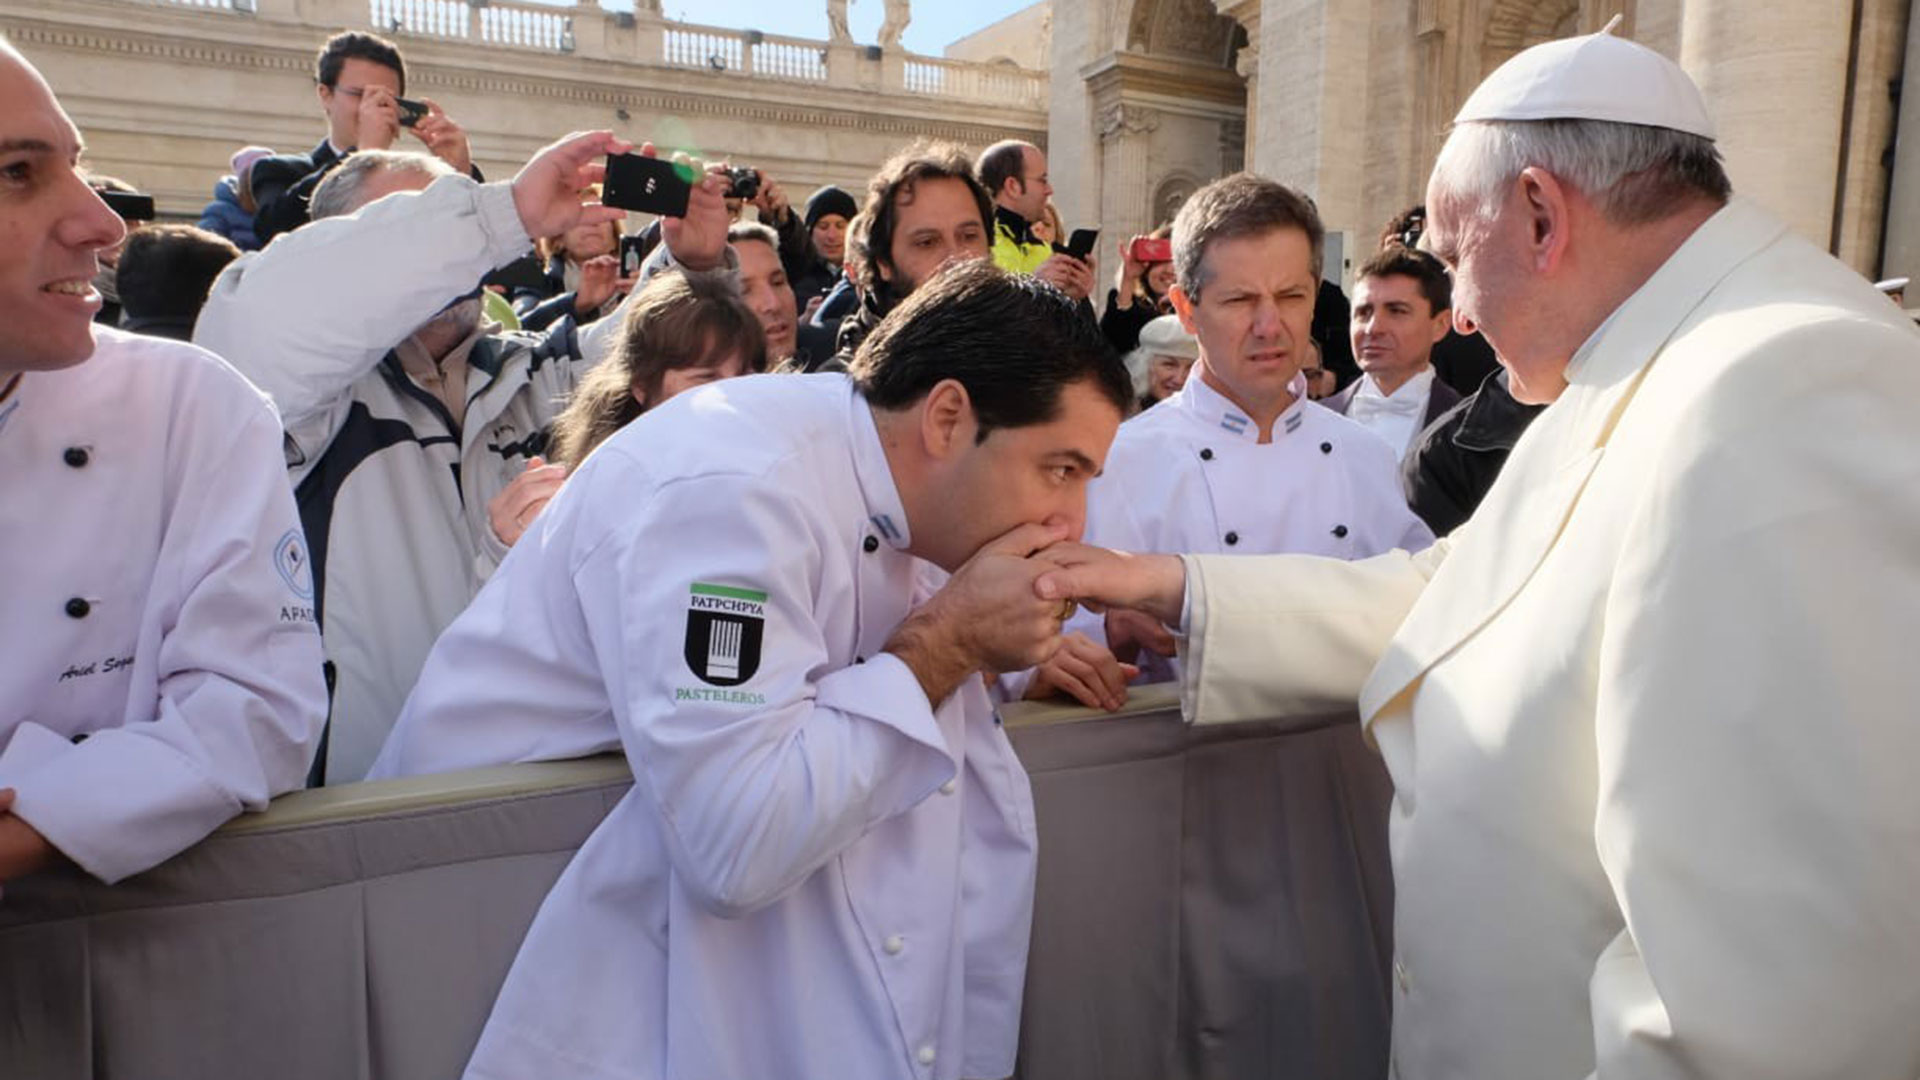 Maximiliano Maccarrone es el maestro heladero que le llevó helado al papa Francisco en 2014